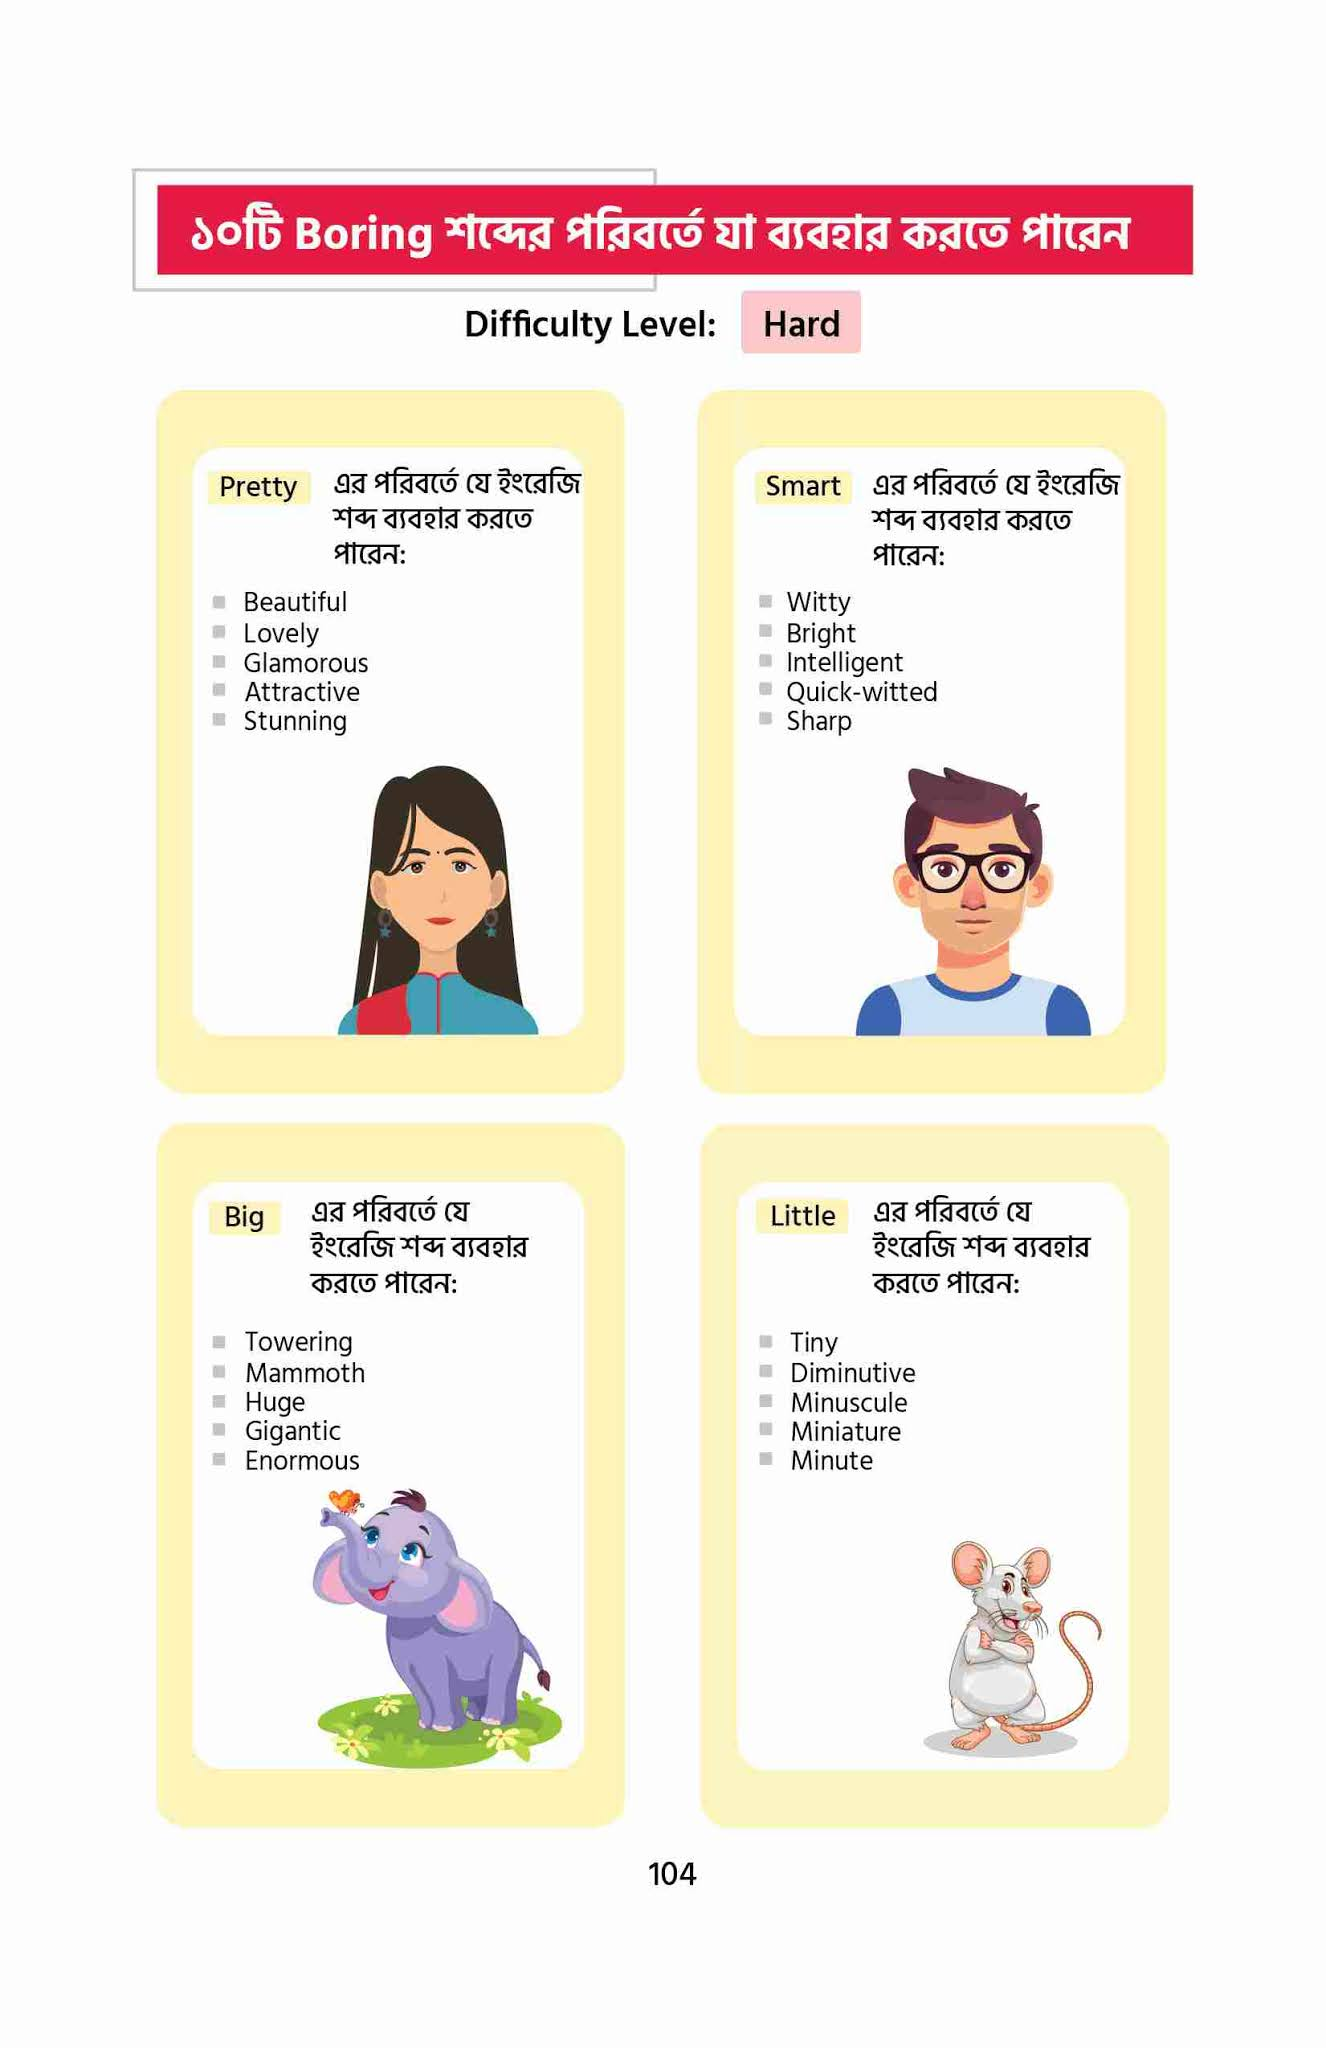 সবার জন্য Vocabulary PDF Download - Sobar Jonno Vocabulary | Munzereen Shahid PDF | সবার জন্য ভোকাবুলারি মুনজেরীন শহীদ pdf